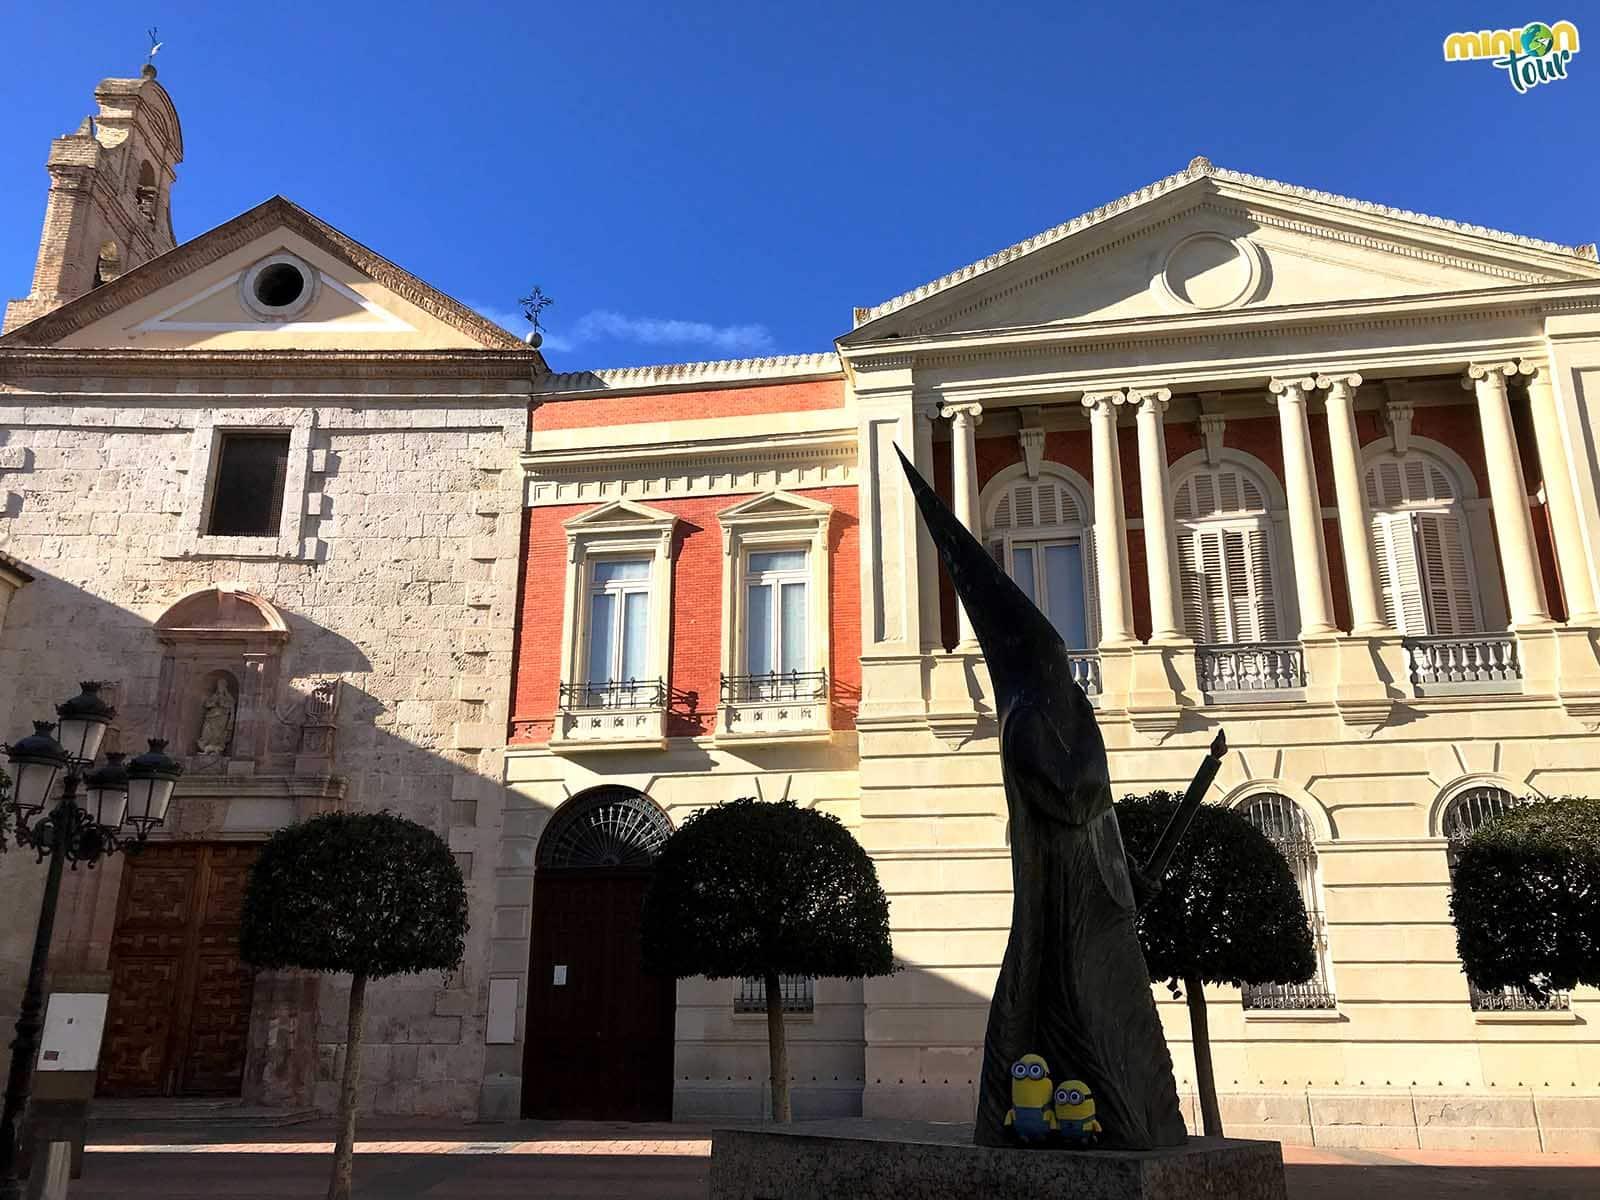 La Diputación y la Iglesia de la Merced, 2 lugares que ver en Ciudad Real